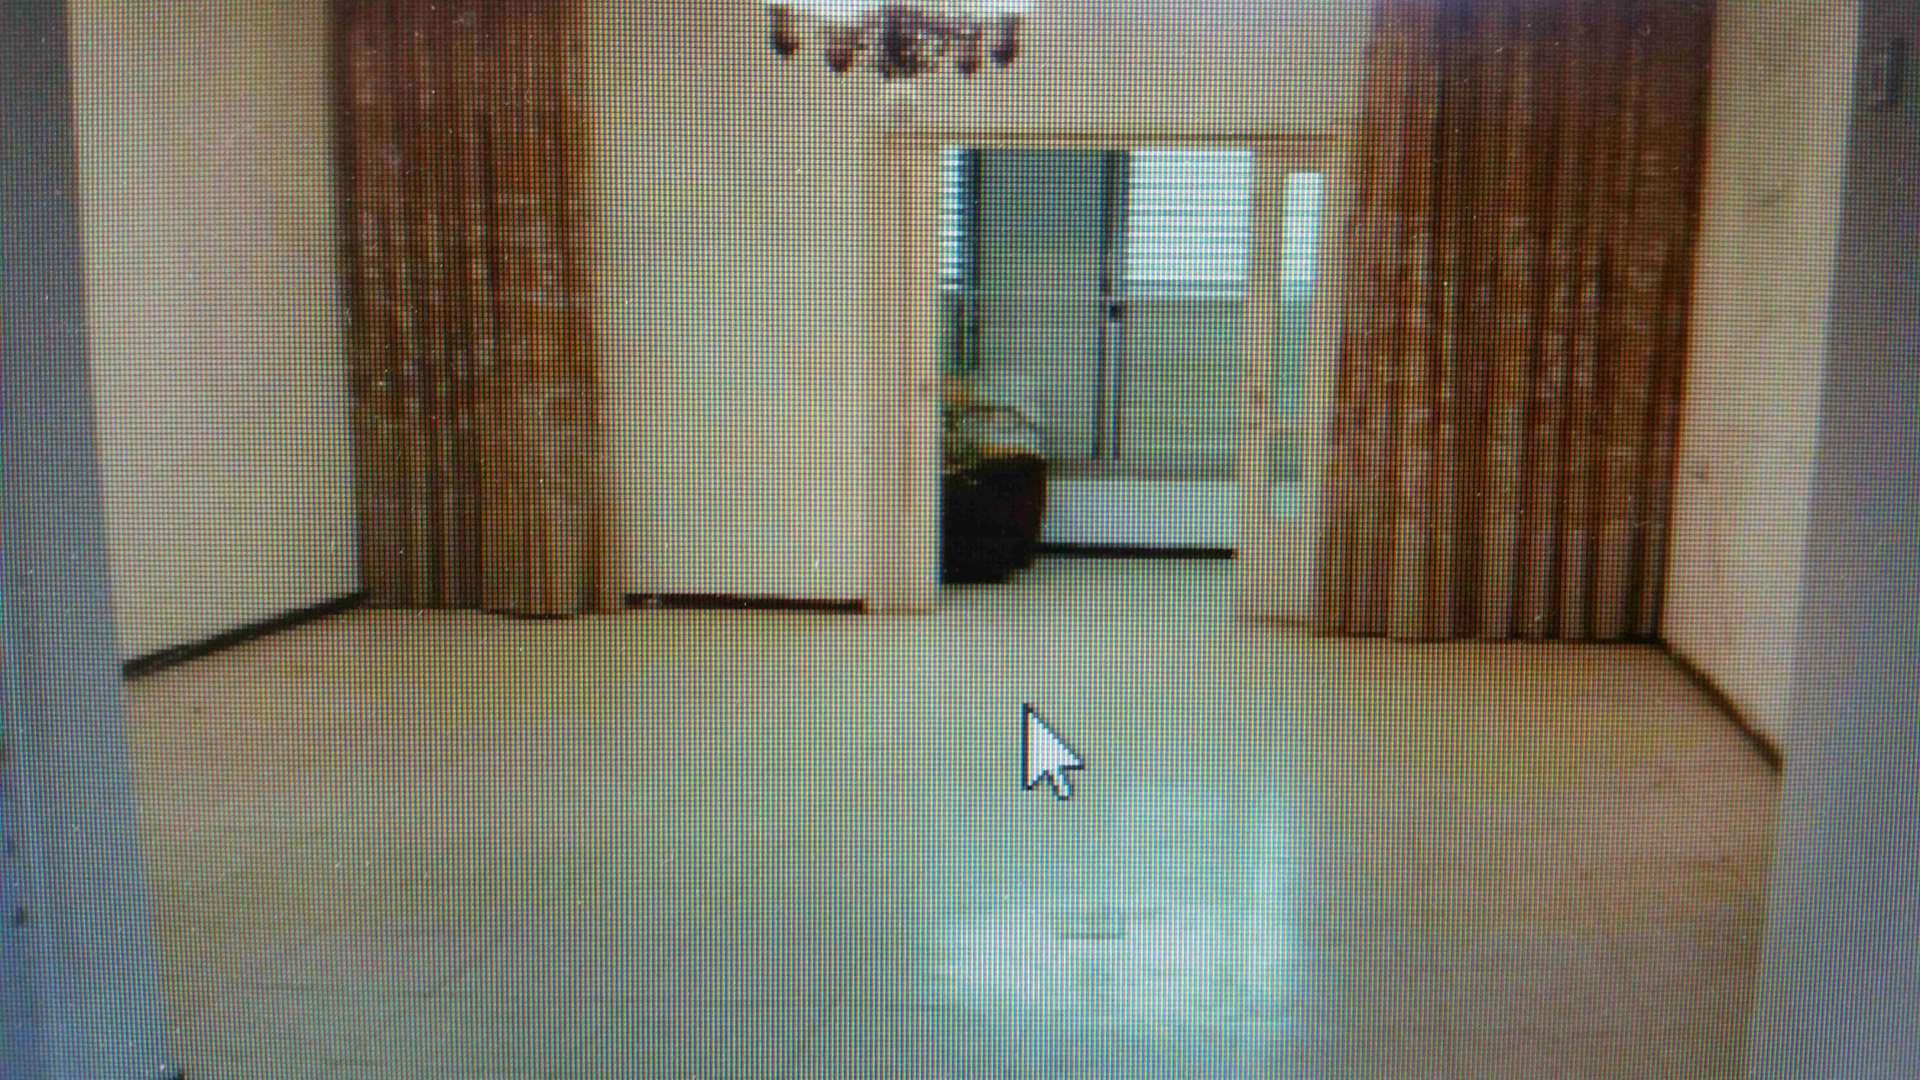 דירה, 3.5 חדרים, טולדנו, פתח תקווה